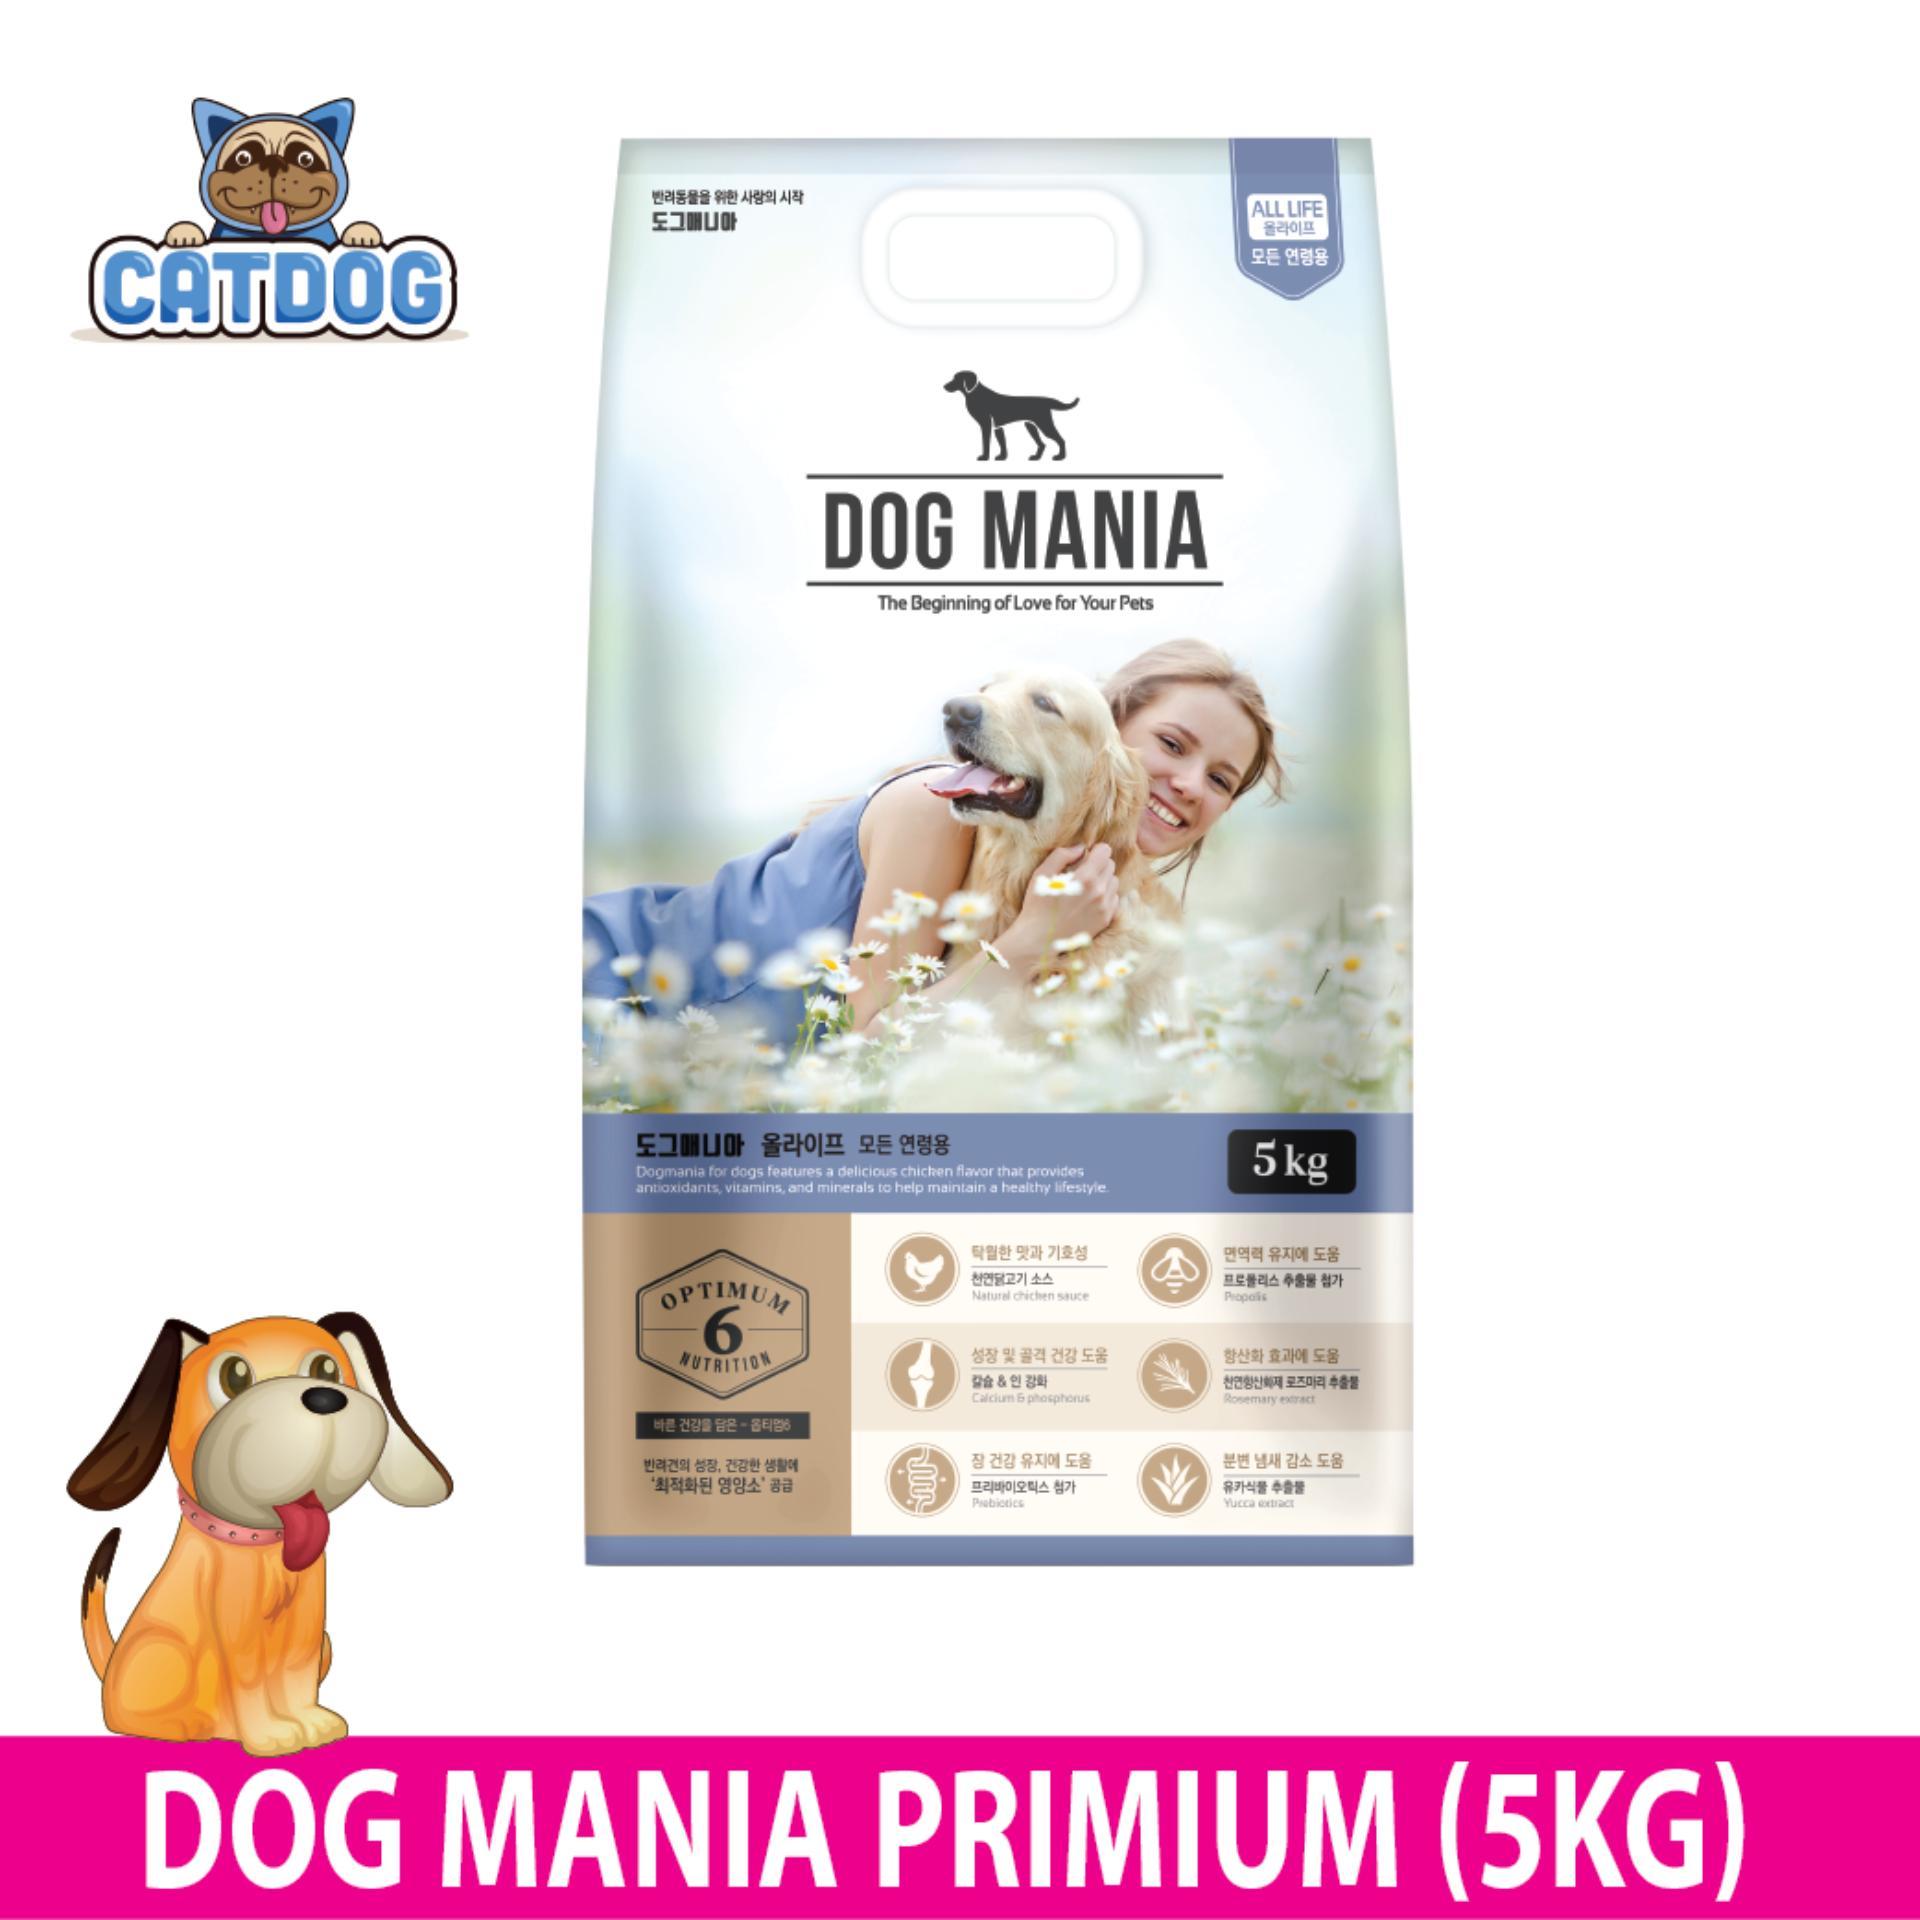 Bán Thức Ăn Hạt Dog Mania Premium 5Kg Cho Hà Nội